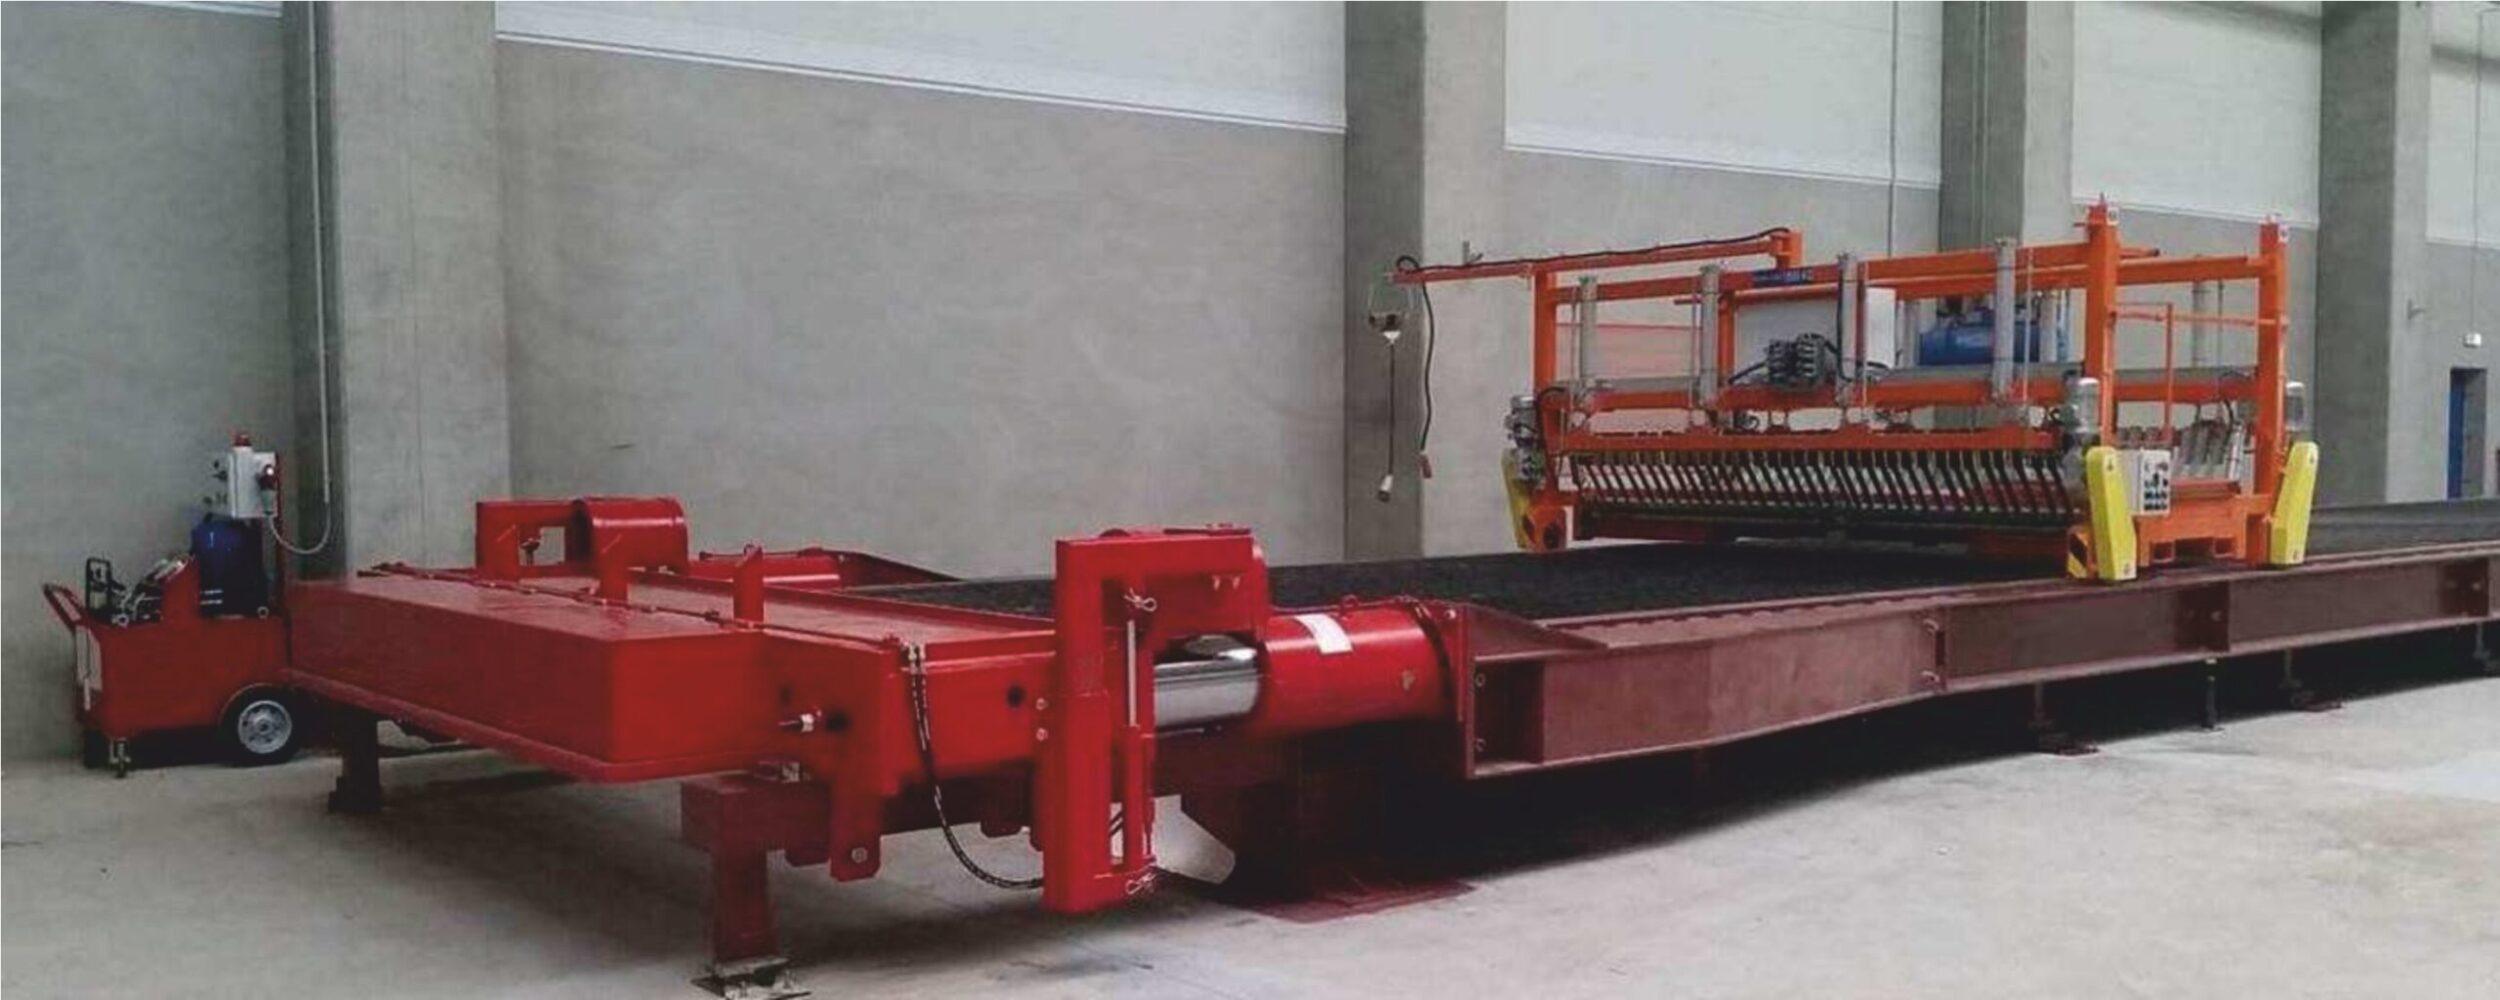 Система натяжения бетонные преднапряженные столбики для винограда